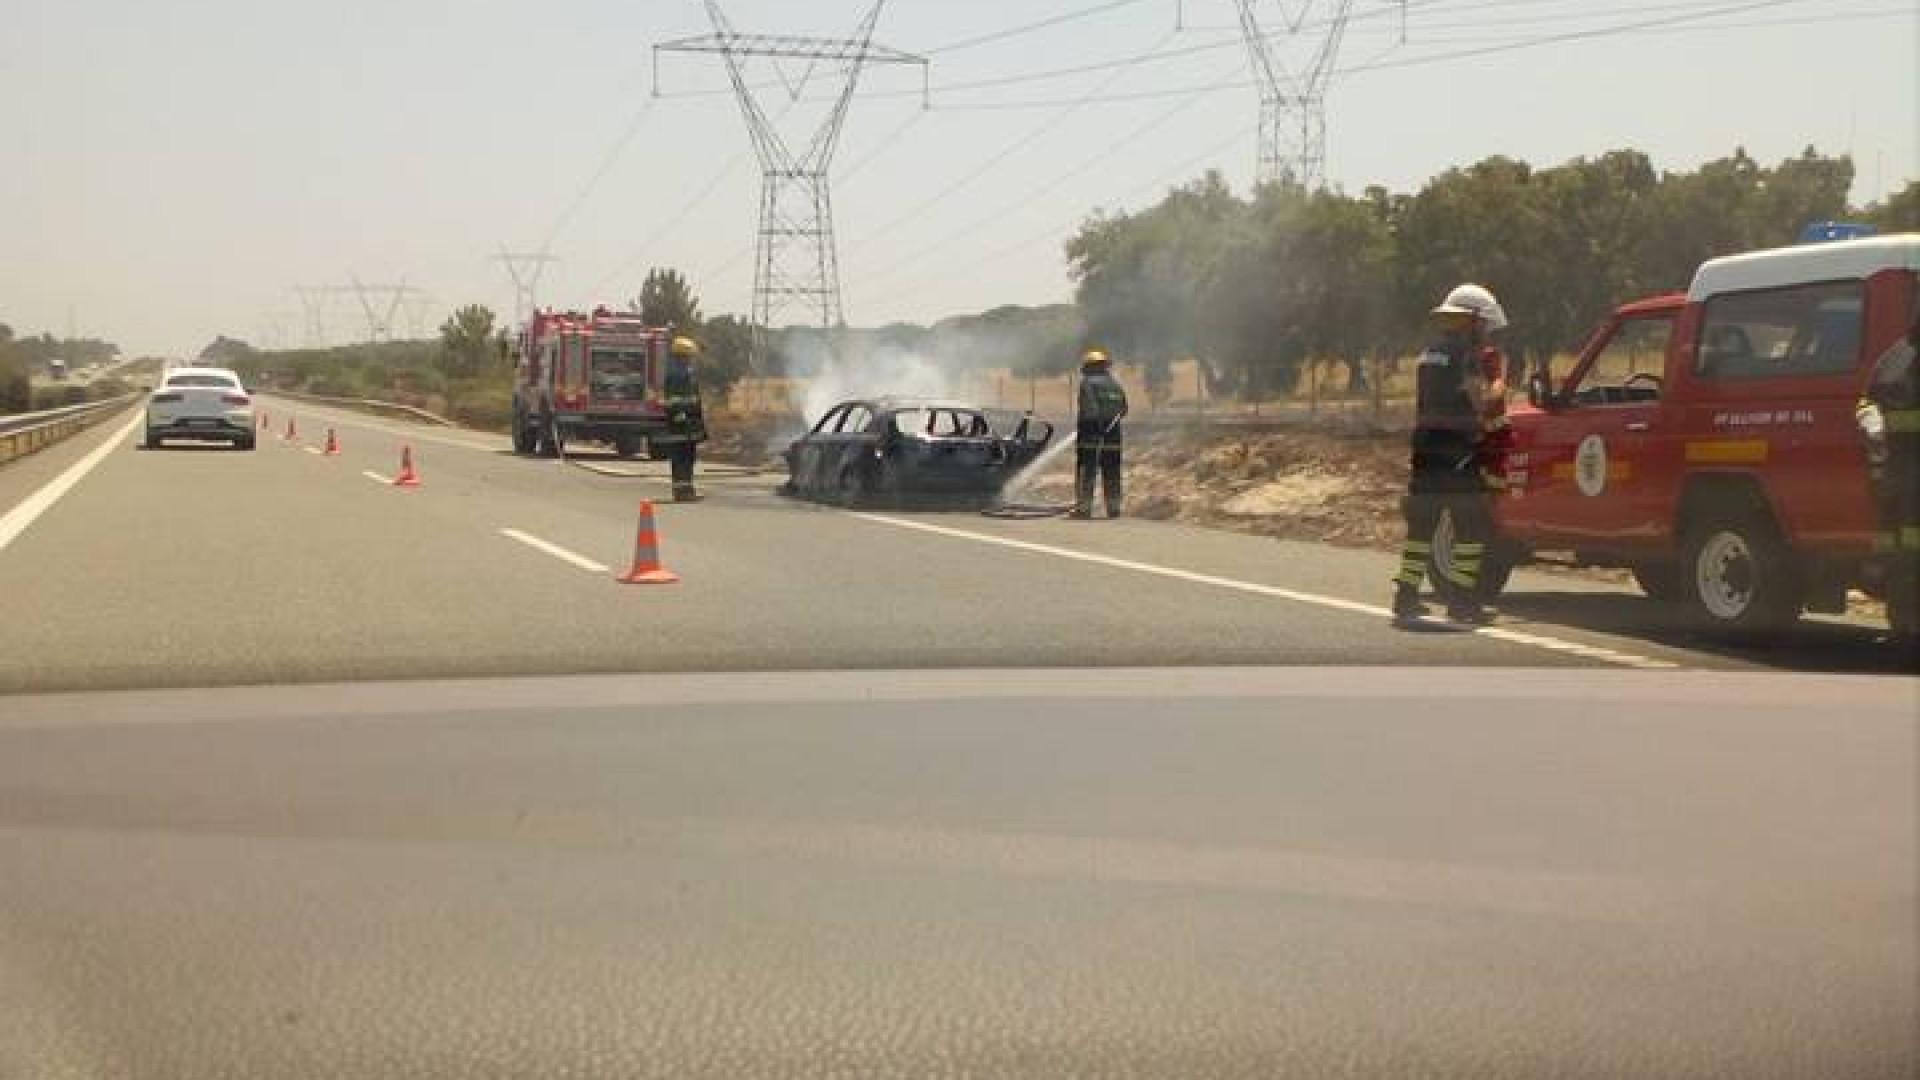 Carro incendeia-se na A2. Trânsito (completamente) parado